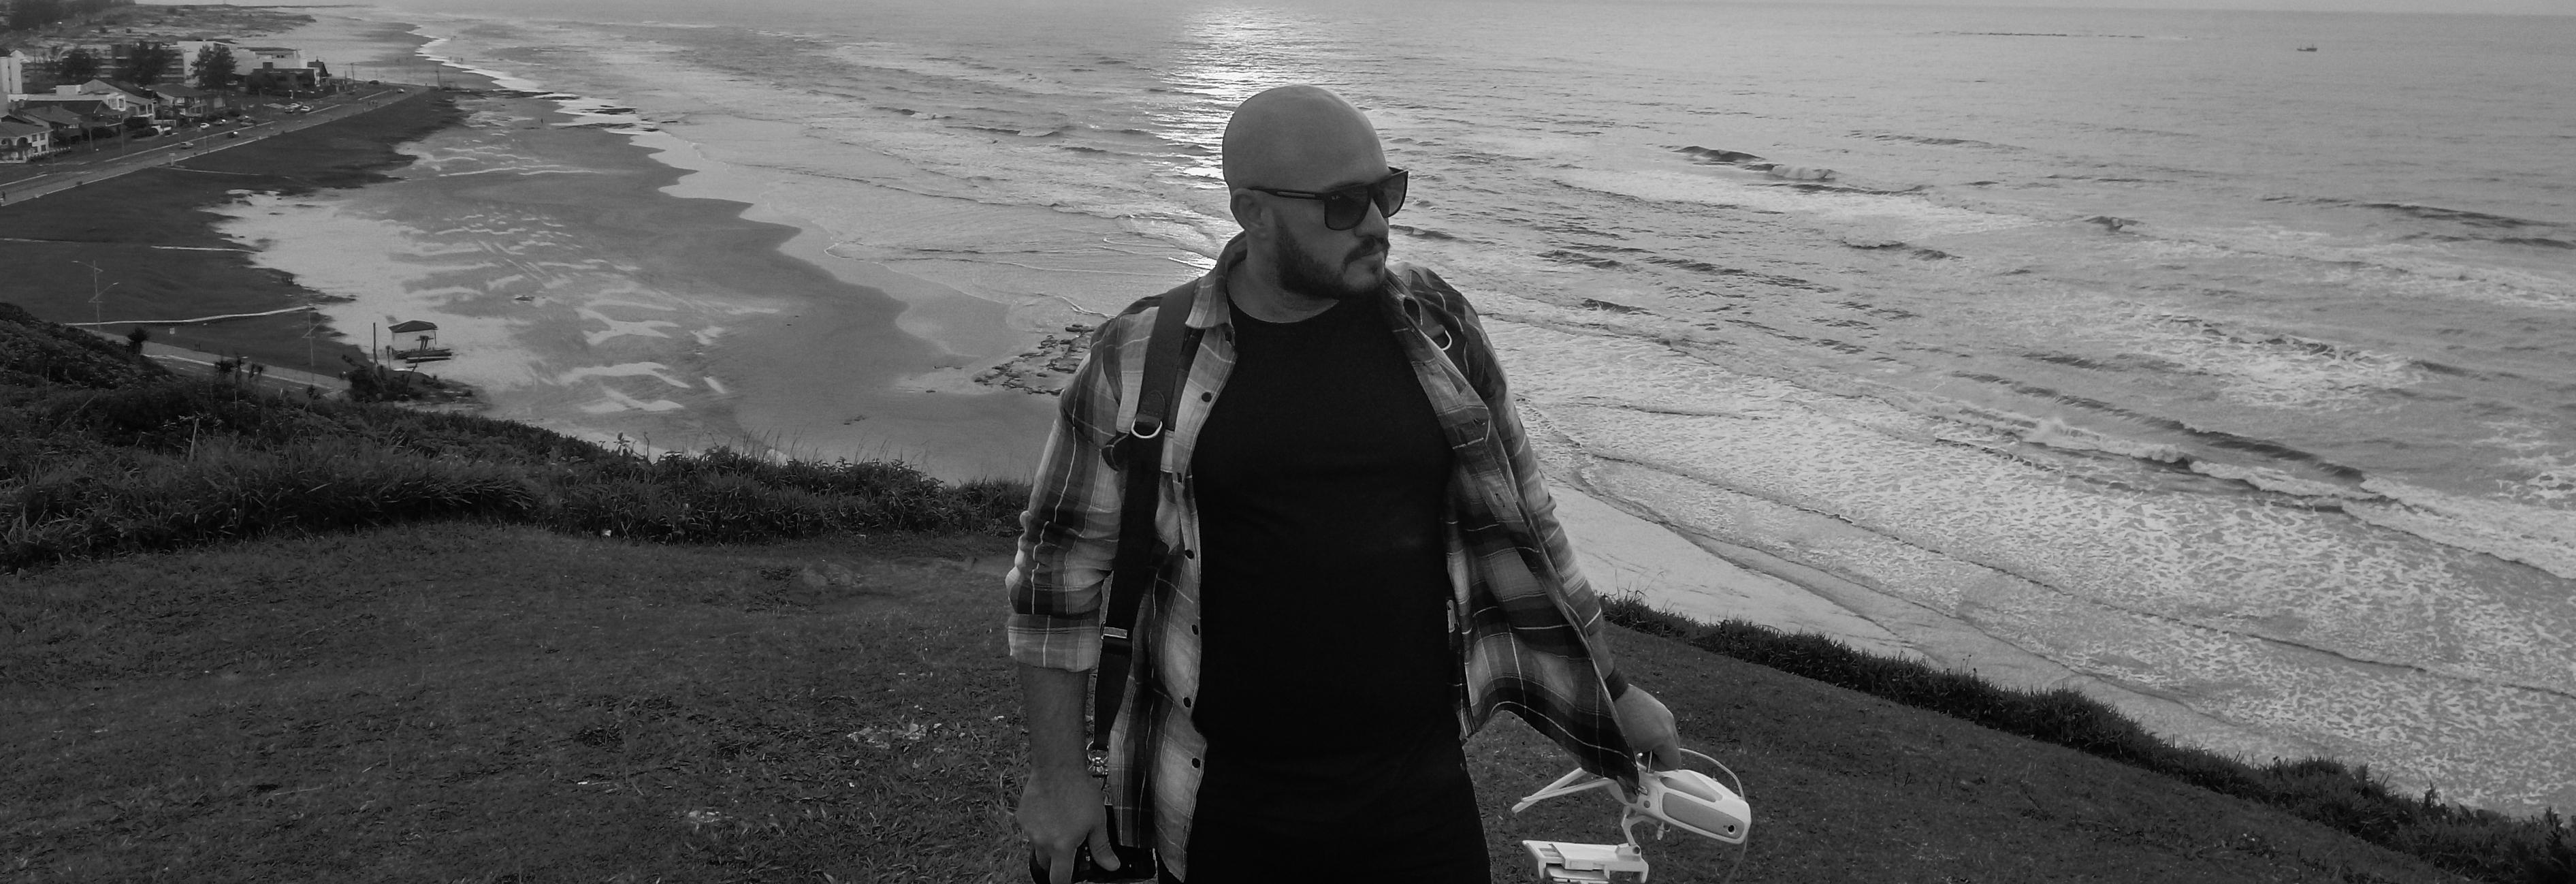 Sobre Alcimar Coelho - Fotógrafo&Filmmaker